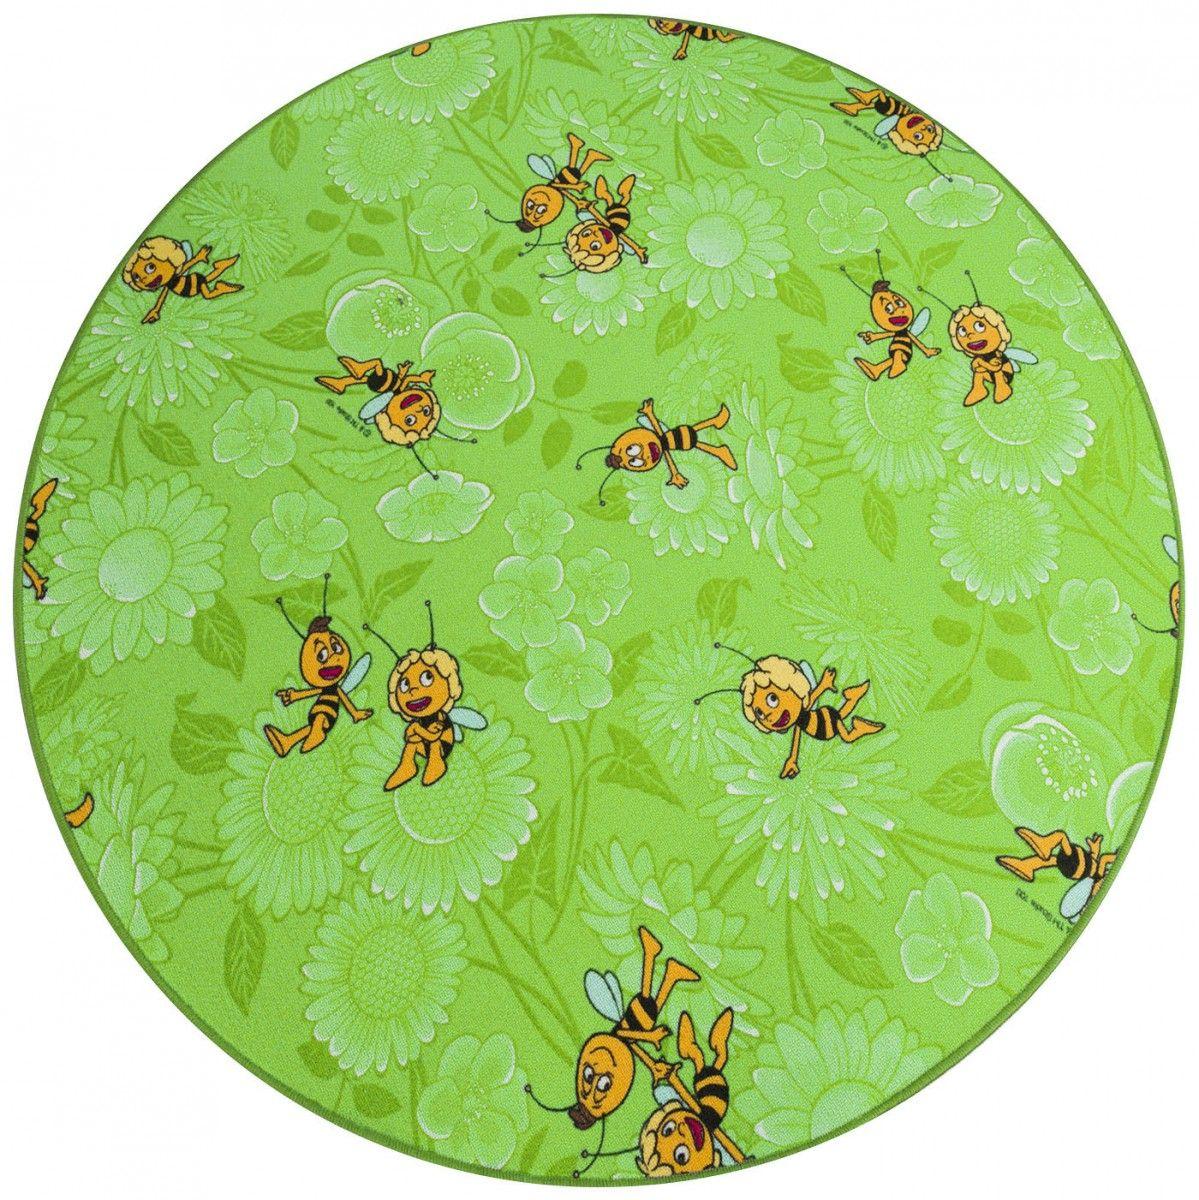 Teppich rund kinderzimmer grün  Biene Maja Teppich grün rund! Für alle Kinderzimmer geeignet | So ...